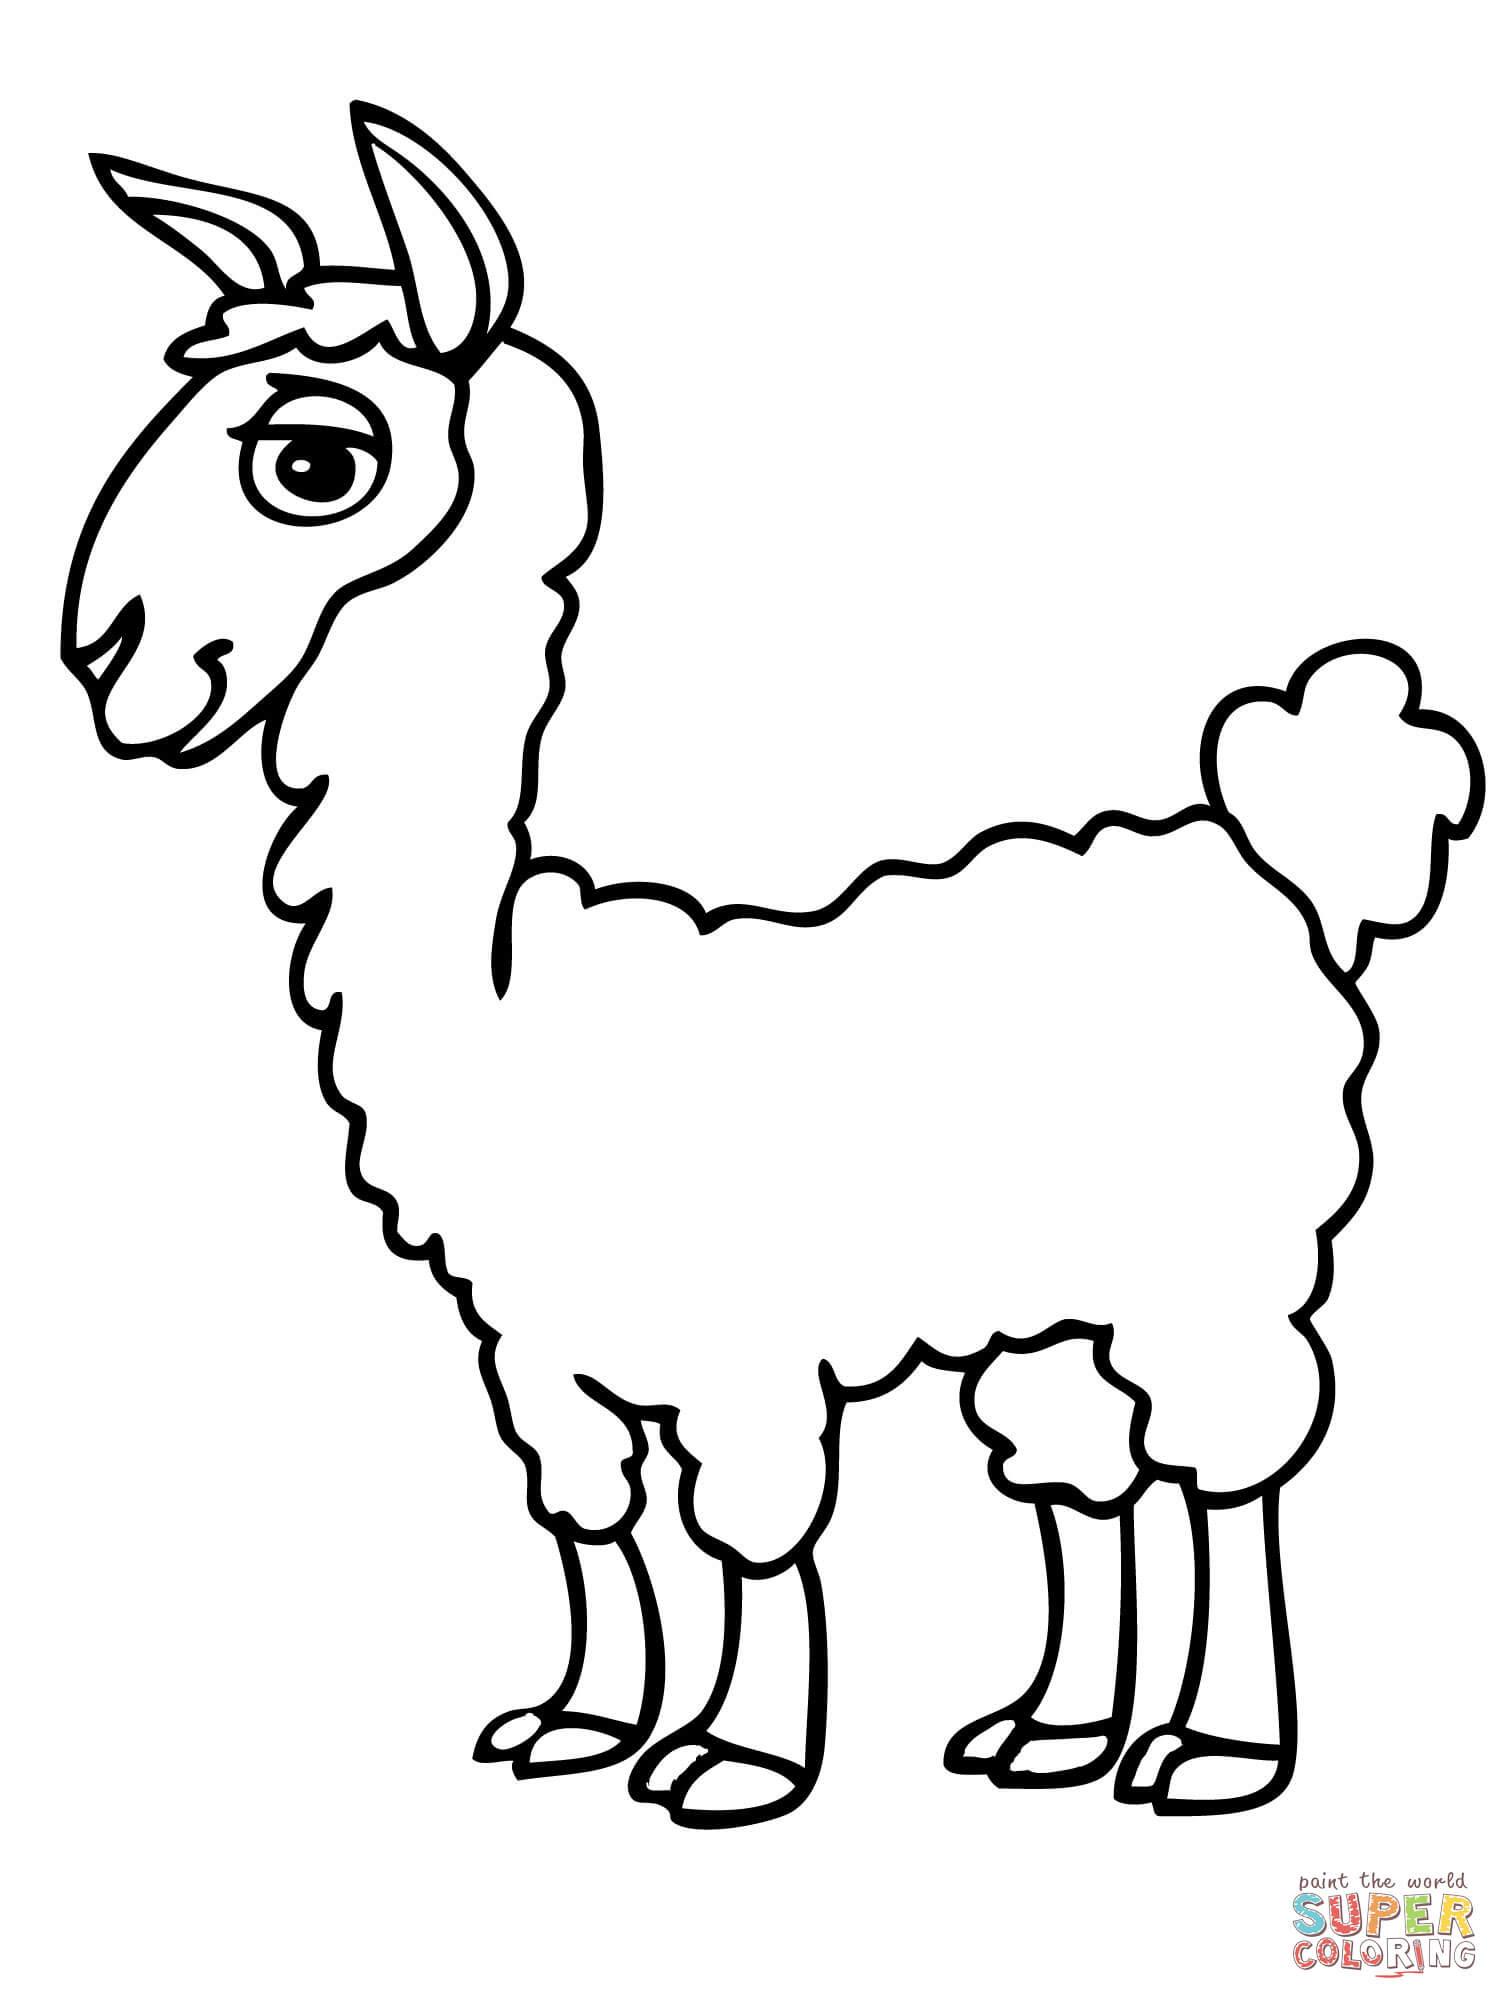 Wunderbar Süße Lama Malvorlagen Bilder - Malvorlagen Von Tieren ...